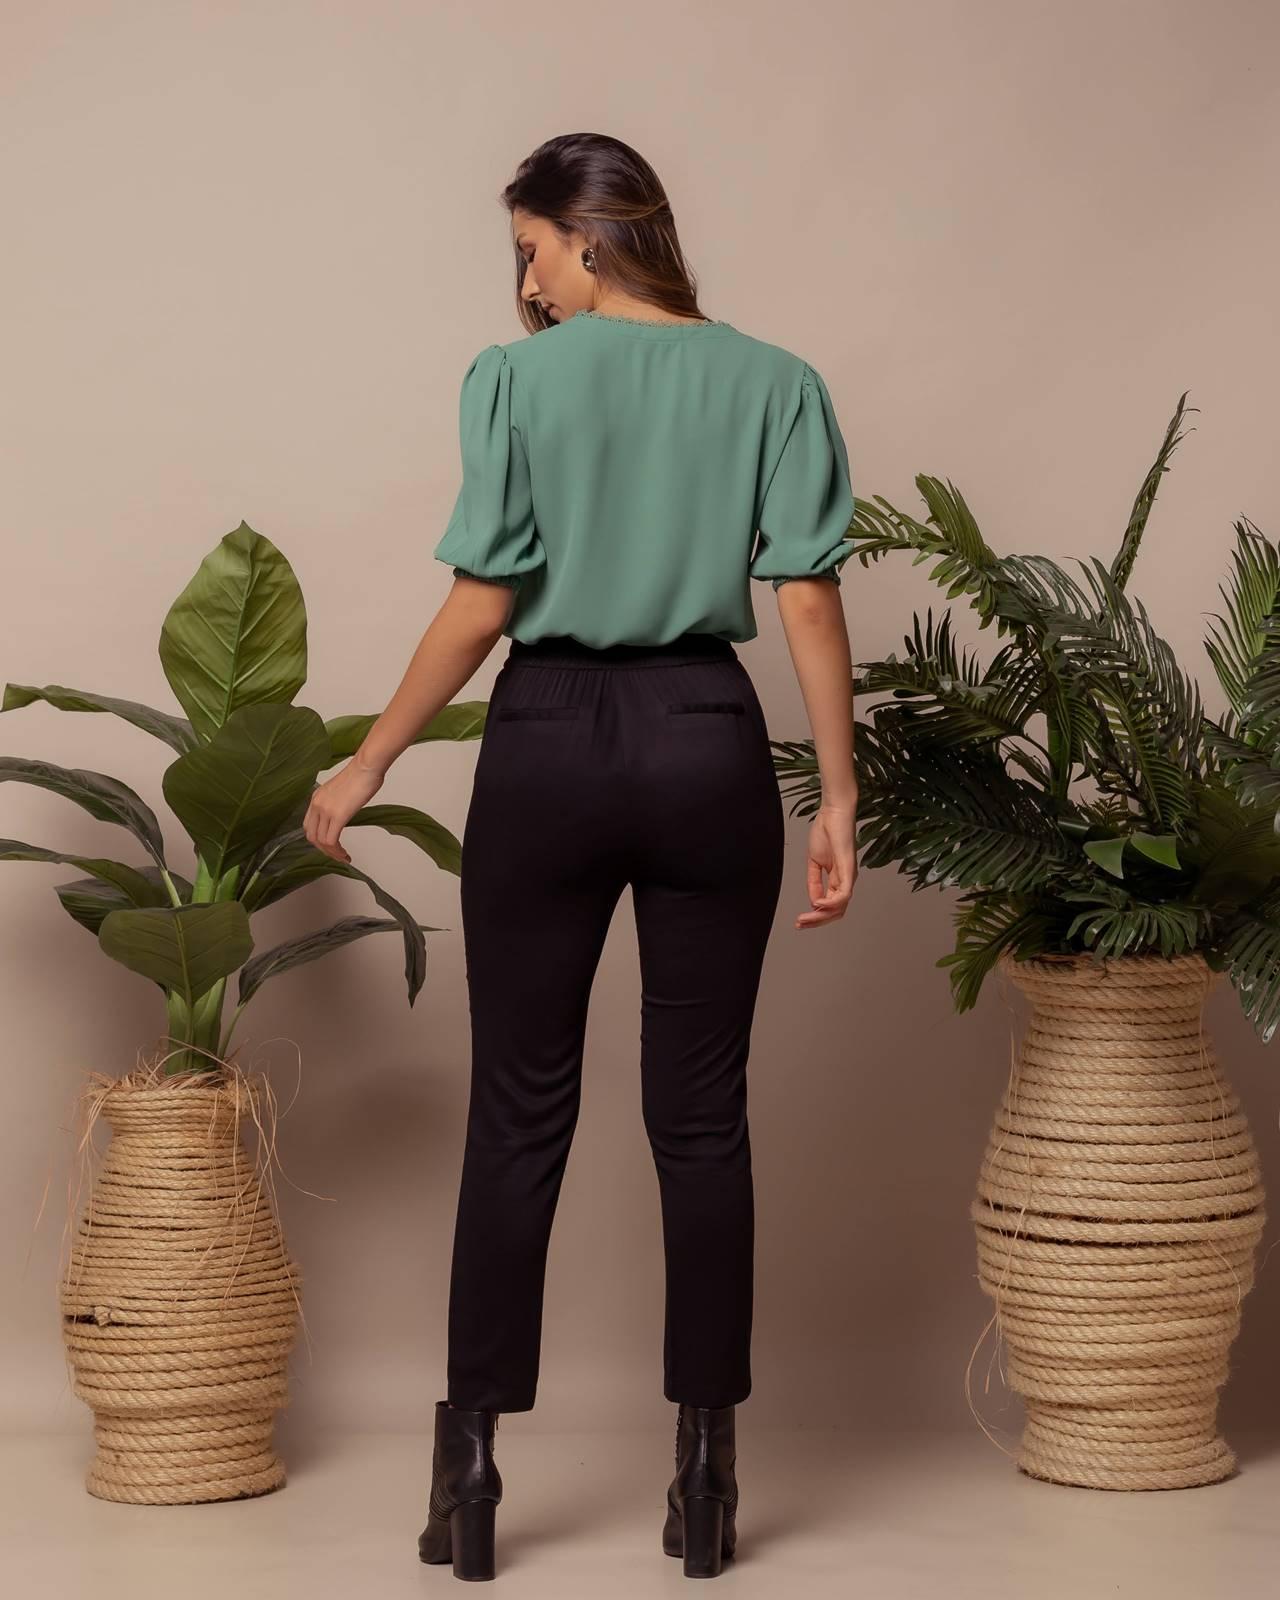 blusa combinando com shorts e caça